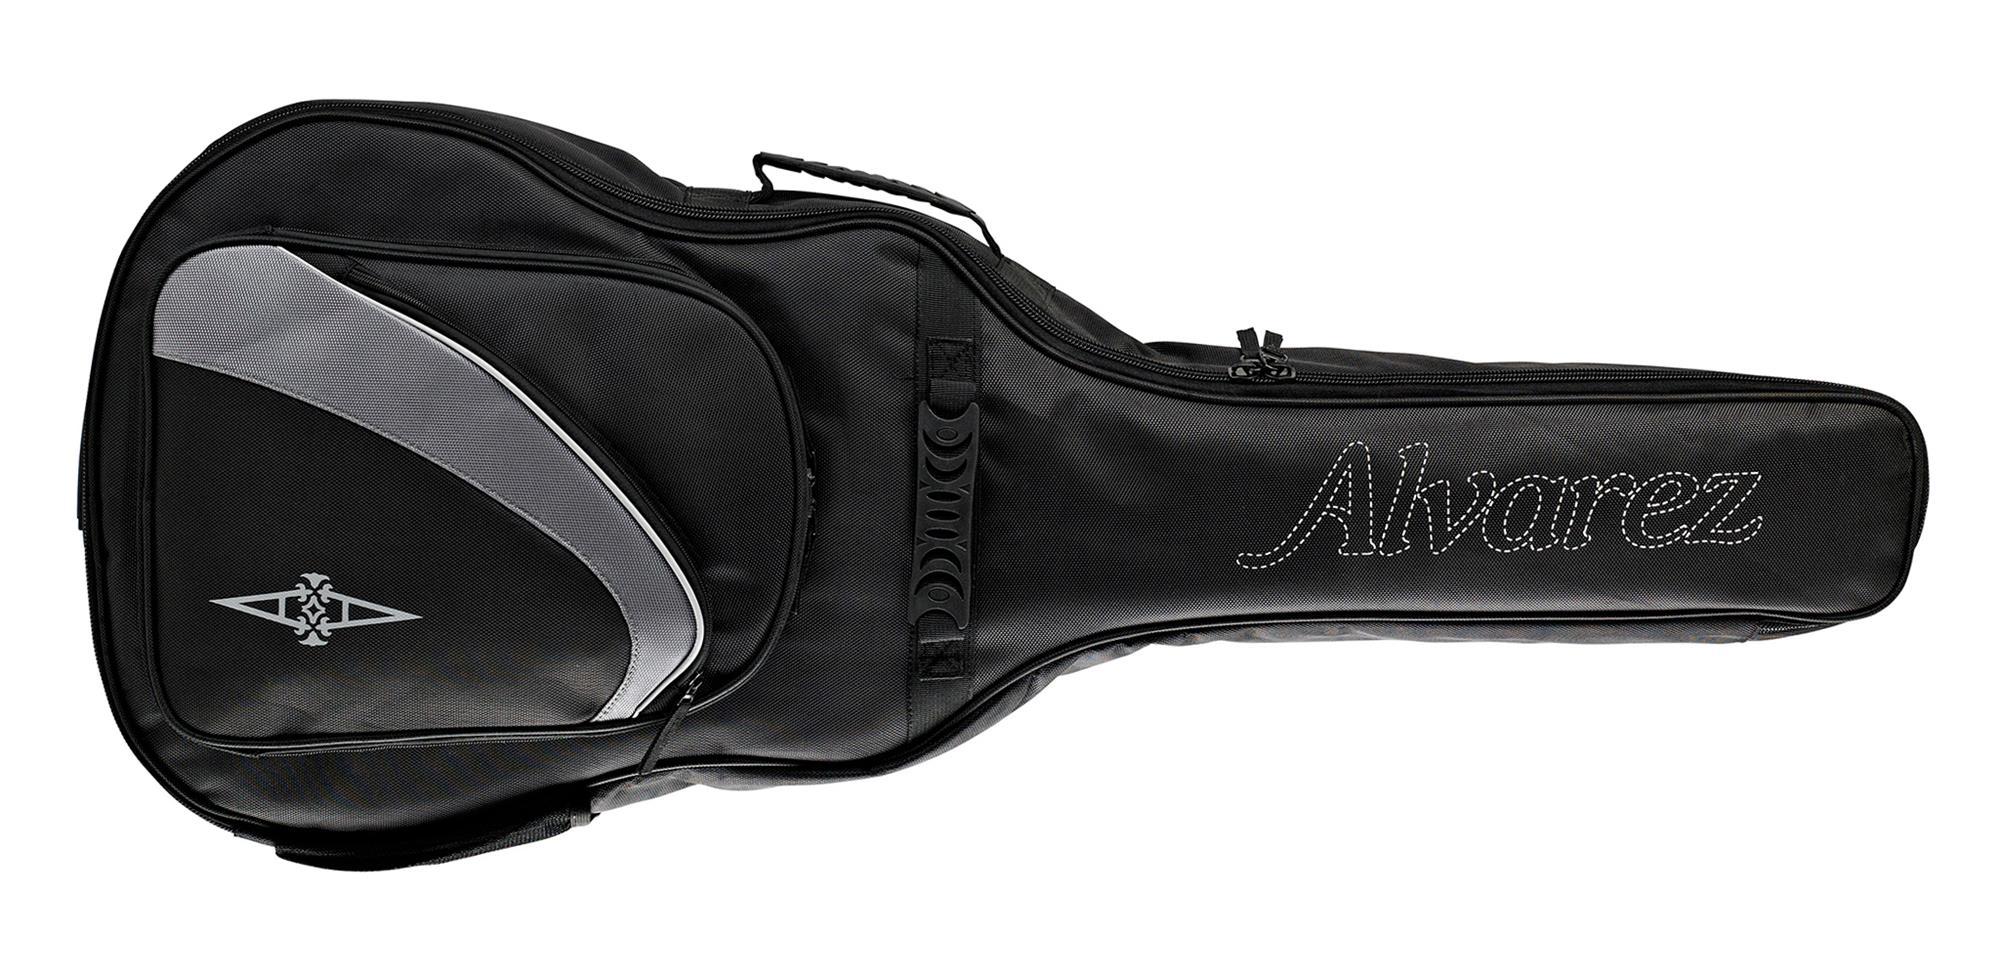 ALVAREZ-AGB15A-BAG-DREADNOUGHT-FOLK-GUITAR-sku-24389